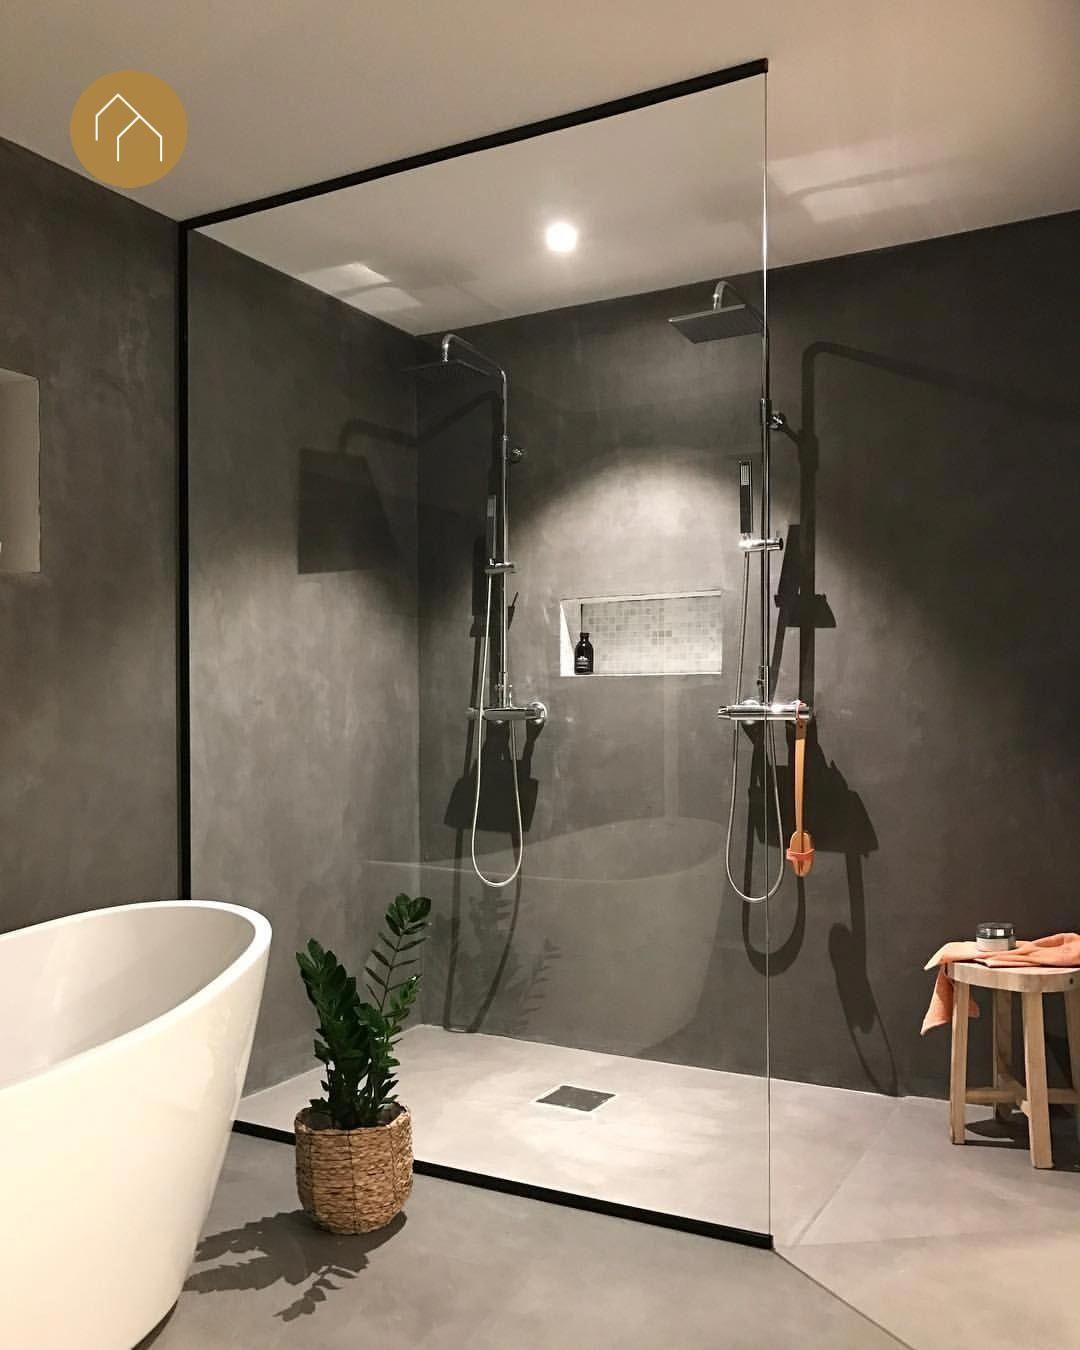 Prachtige moderne badkamer inspiratie in betonlook en met dubbele regendouche en vrijstaand bad #badkamerinspiratie